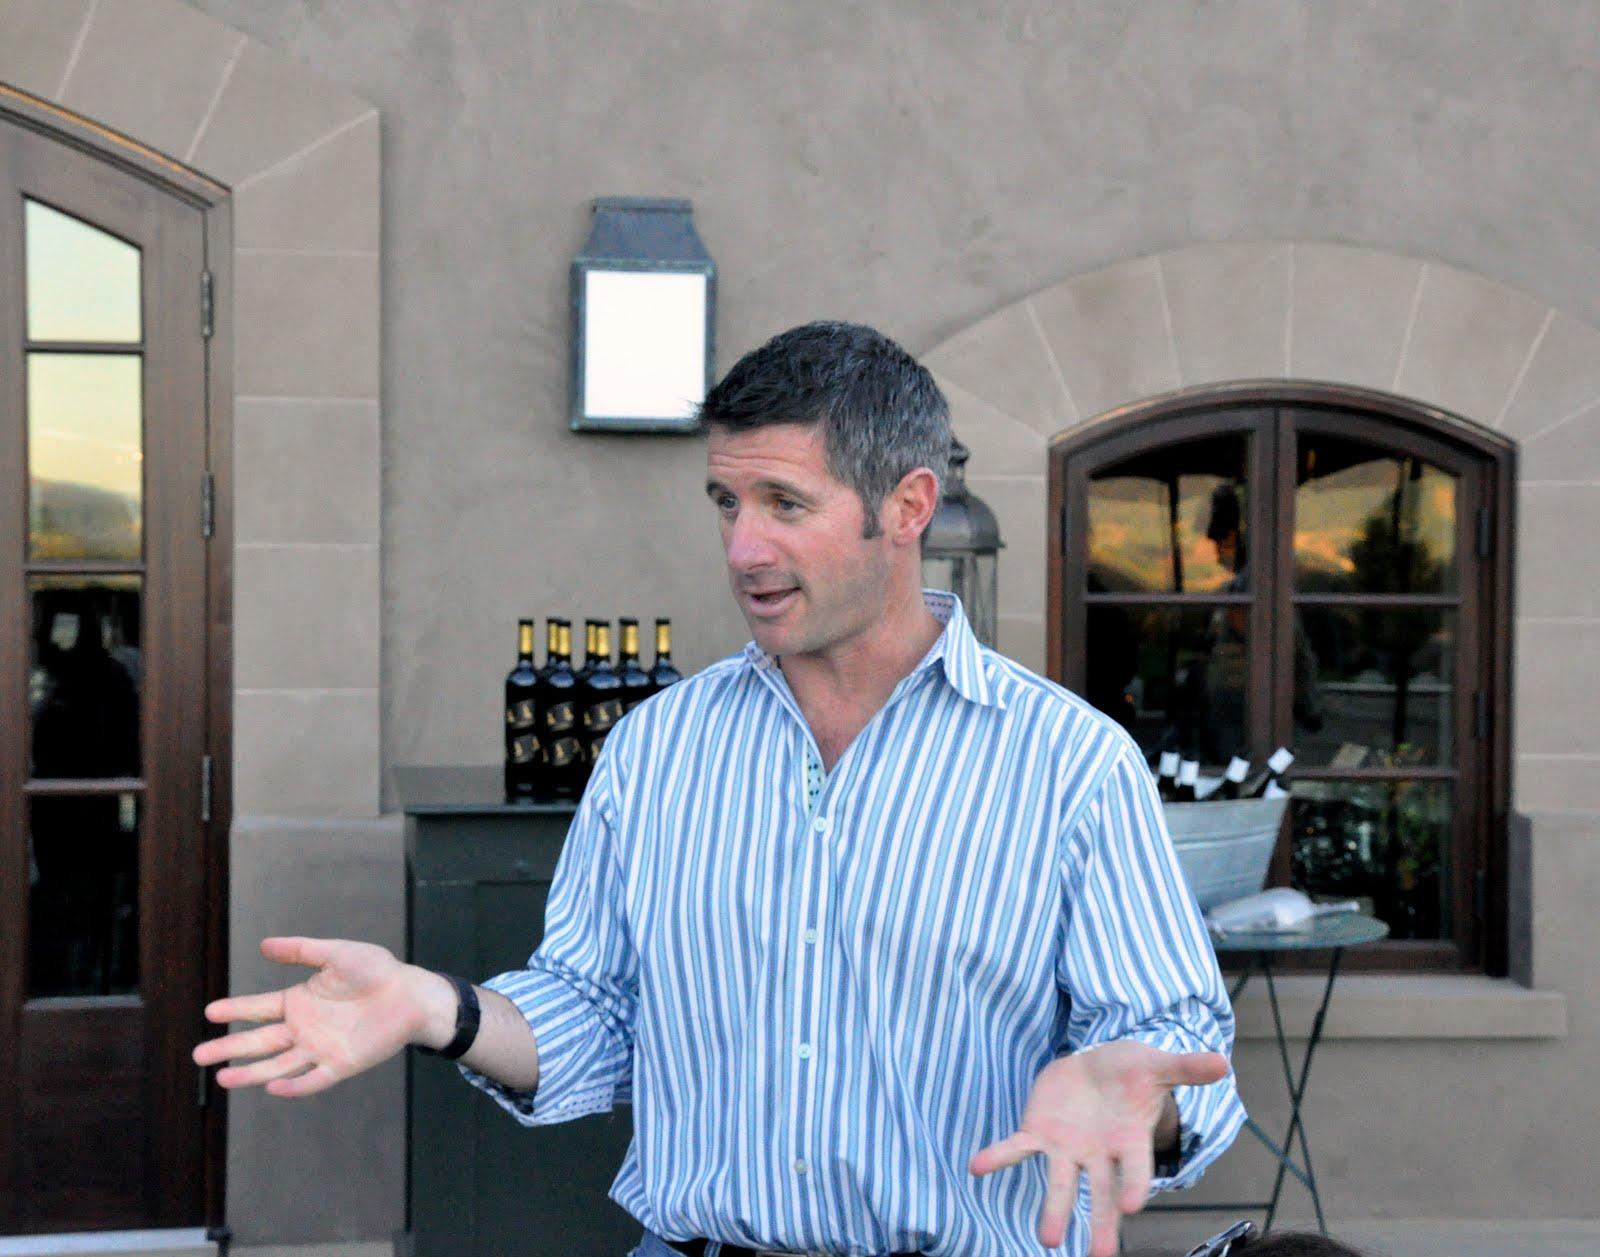 http://4.bp.blogspot.com/_R4F_XGcAgQU/TIiCa8wuqVI/AAAAAAAADB8/WMJyComjlew/s1600/11.+winemaker.jpg